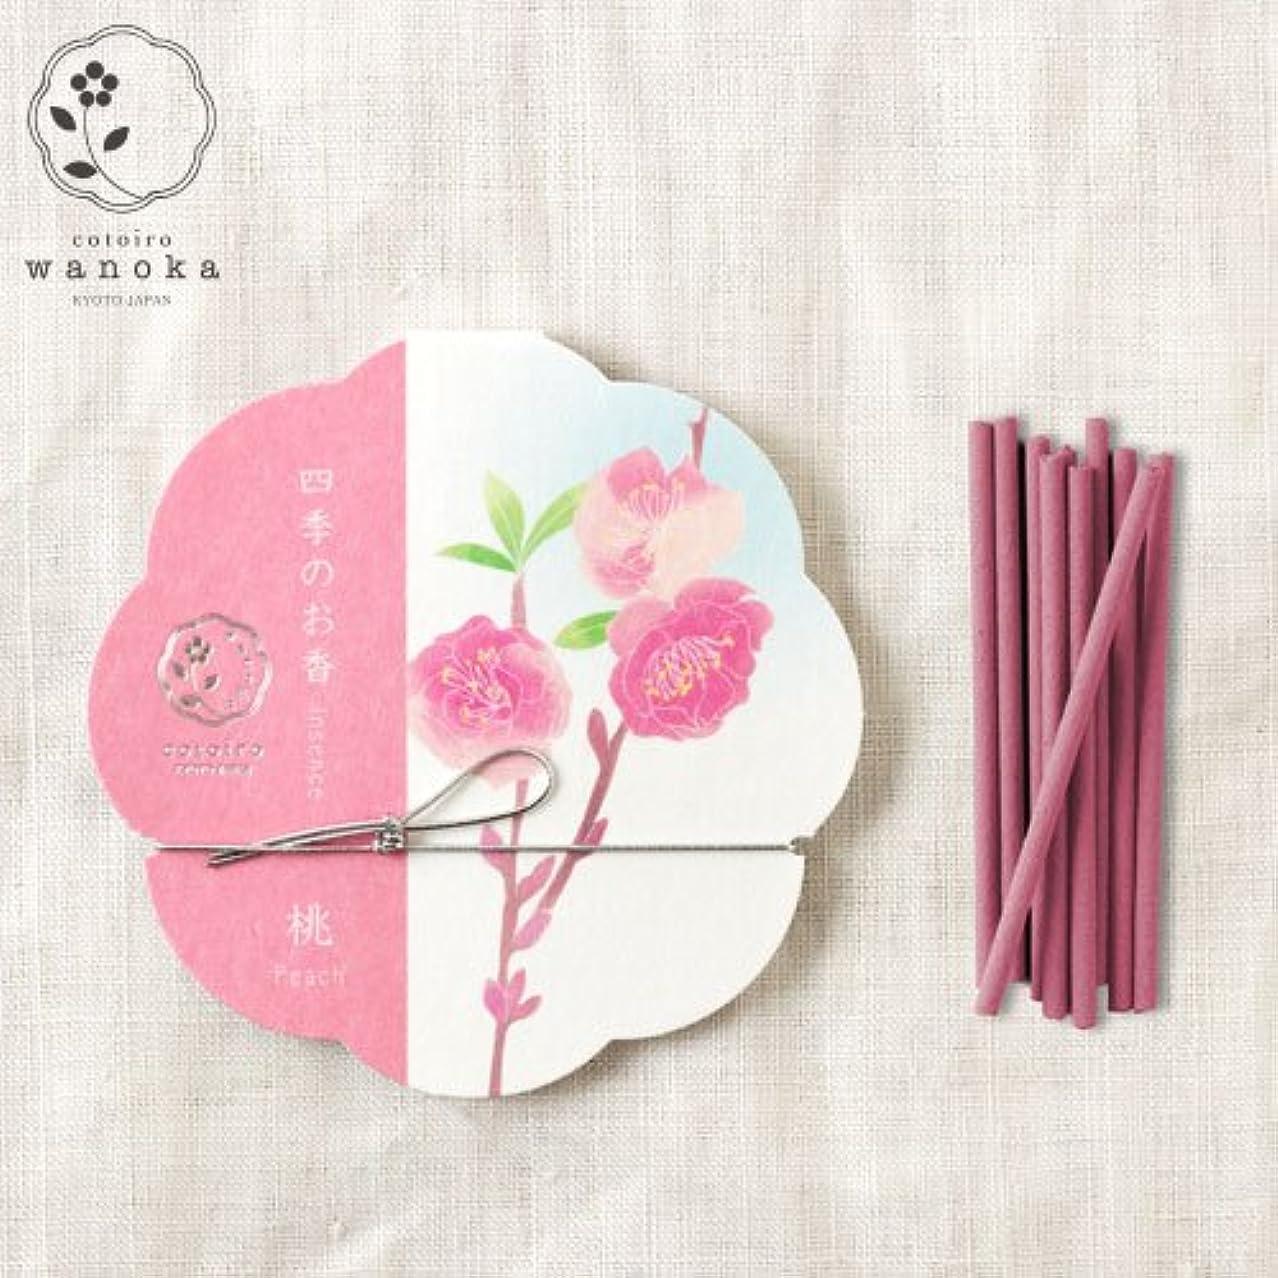 物質内側変化wanoka四季のお香(インセンス)桃《桃のお花をイメージした甘い香り》ART LABIncense stick